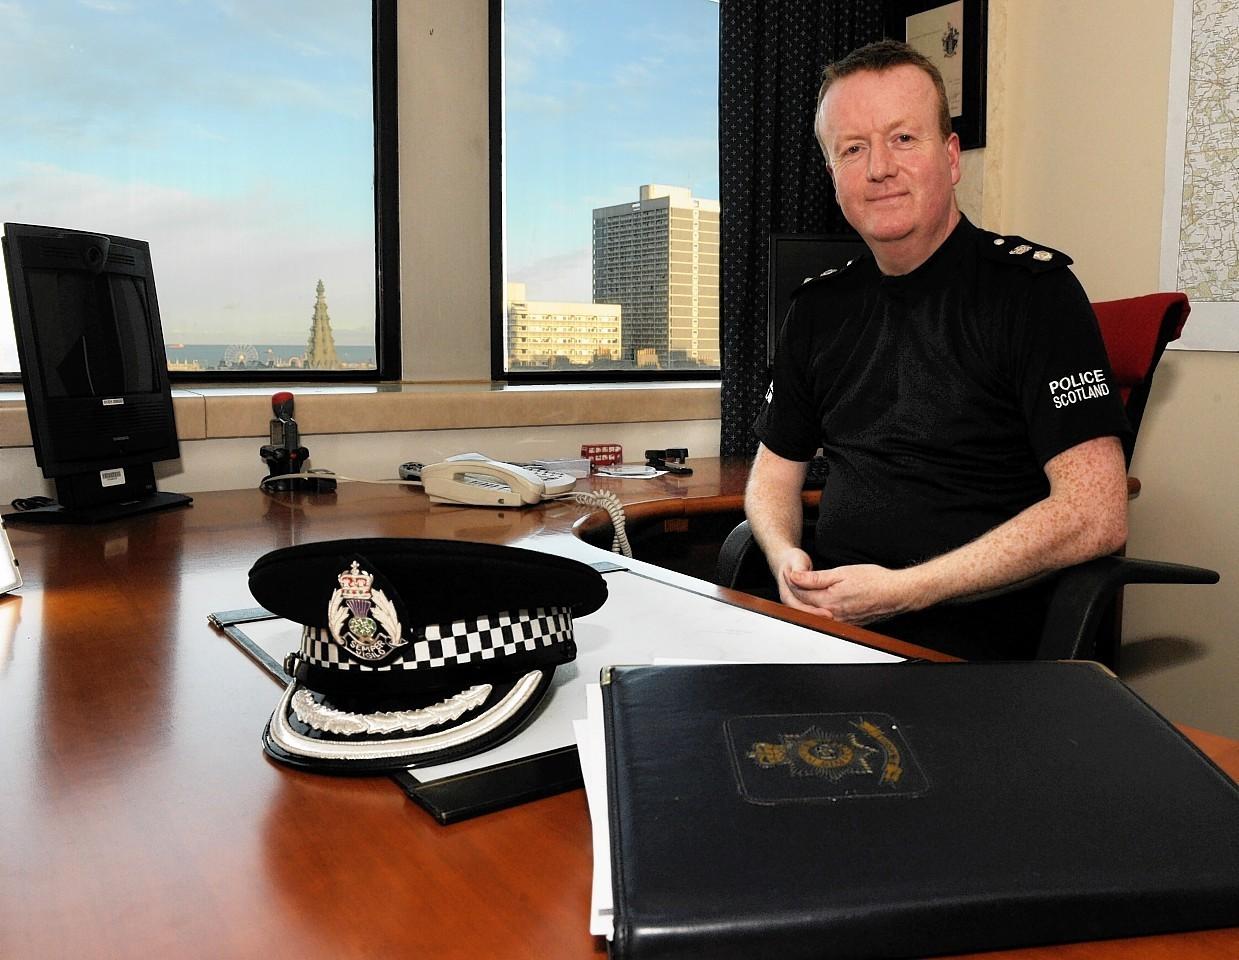 Chief Superintendent Adrian Watson